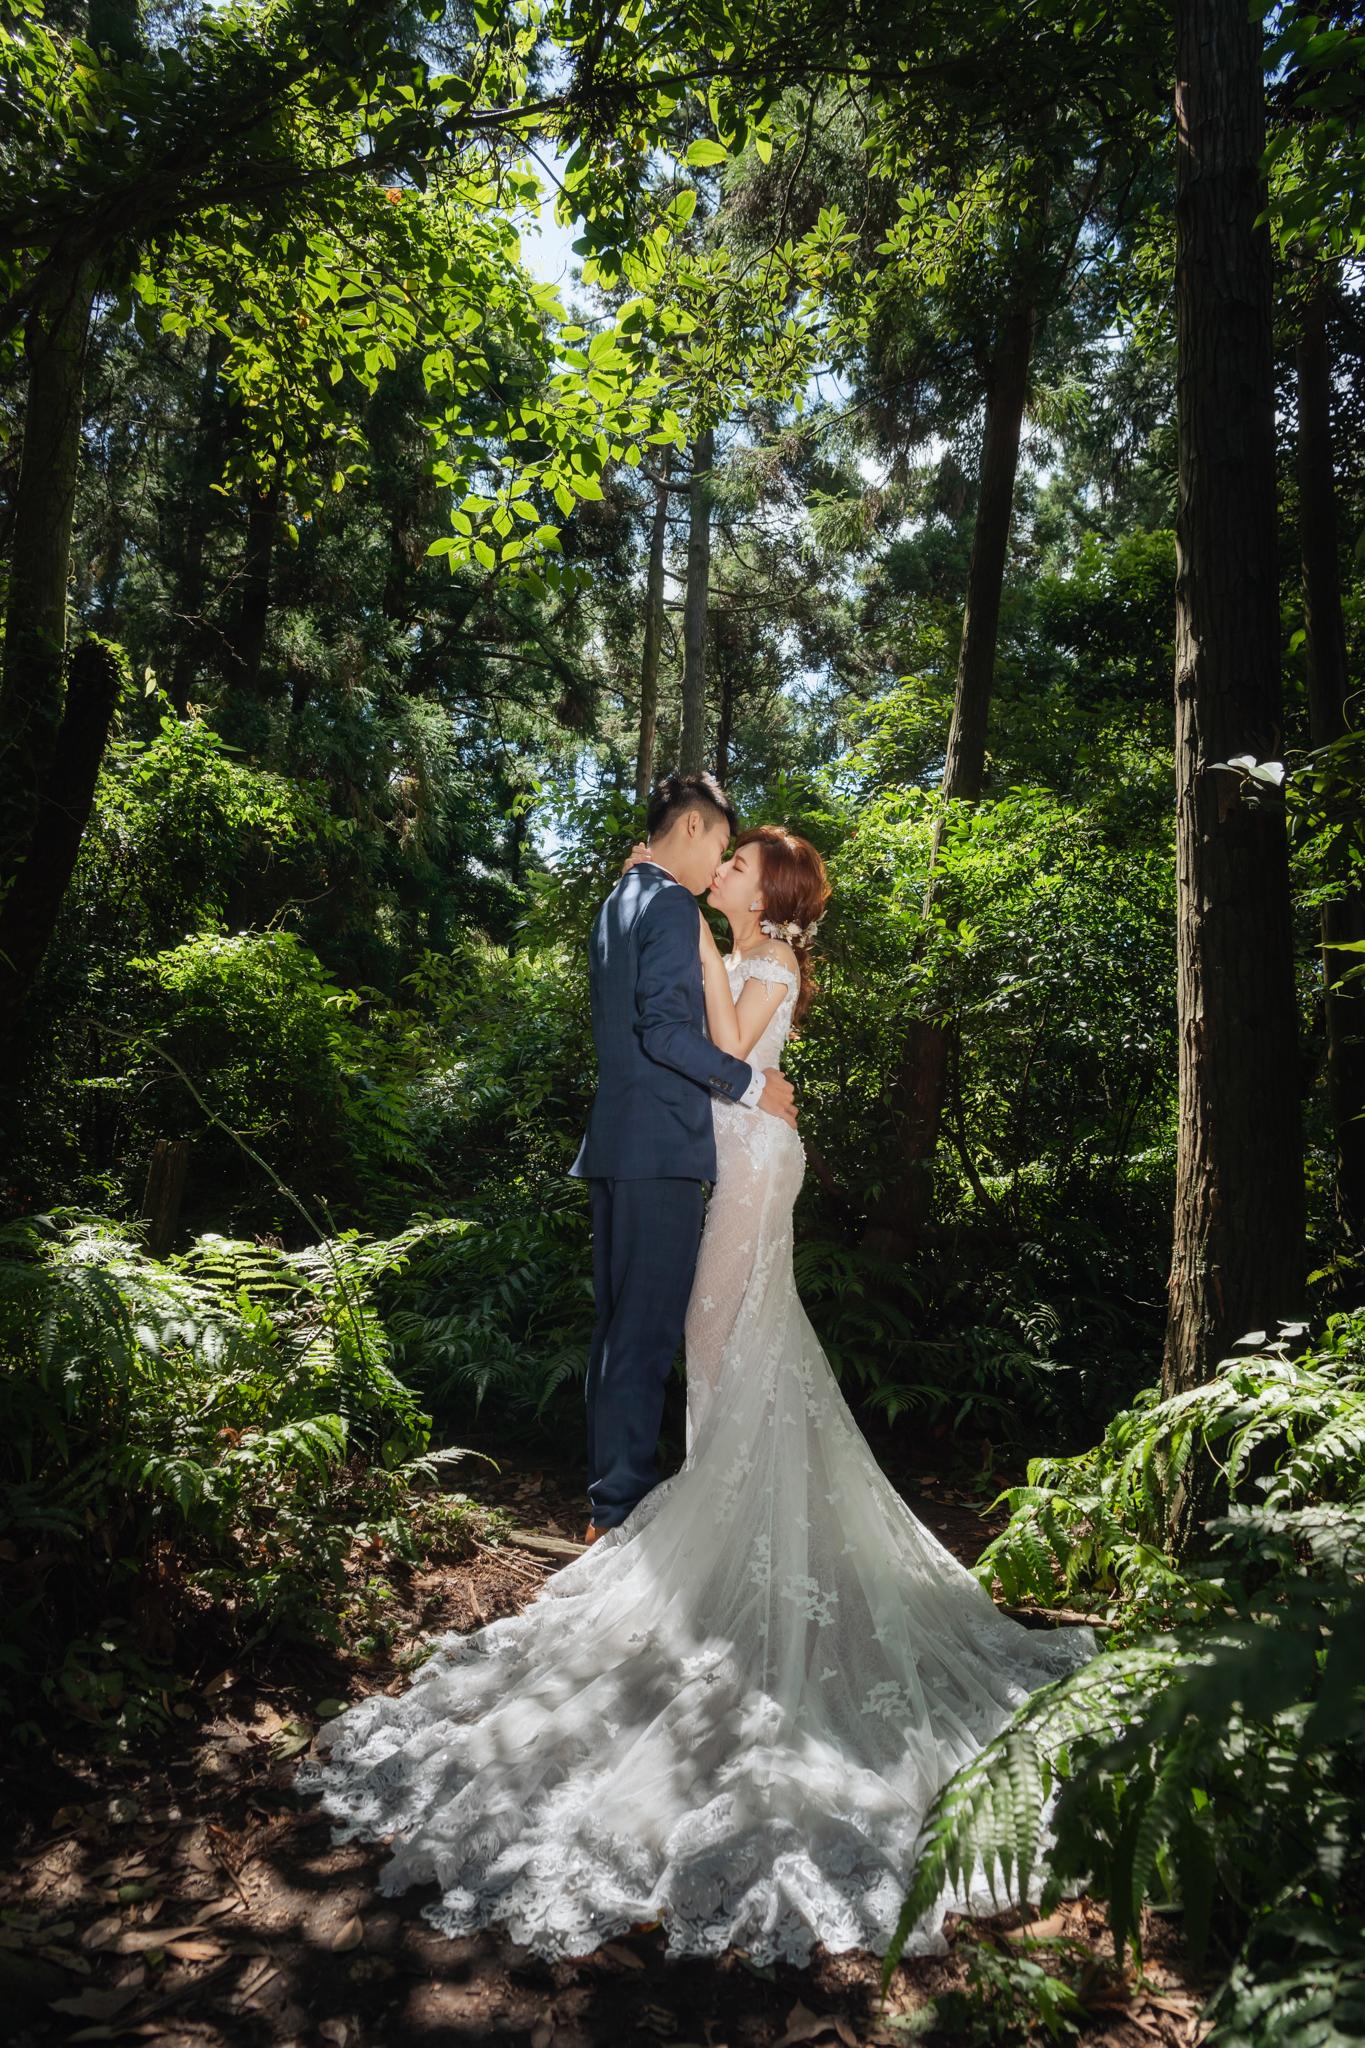 台灣婚紗 台北婚紗 黑森林 南雅奇岩 藝術婚紗